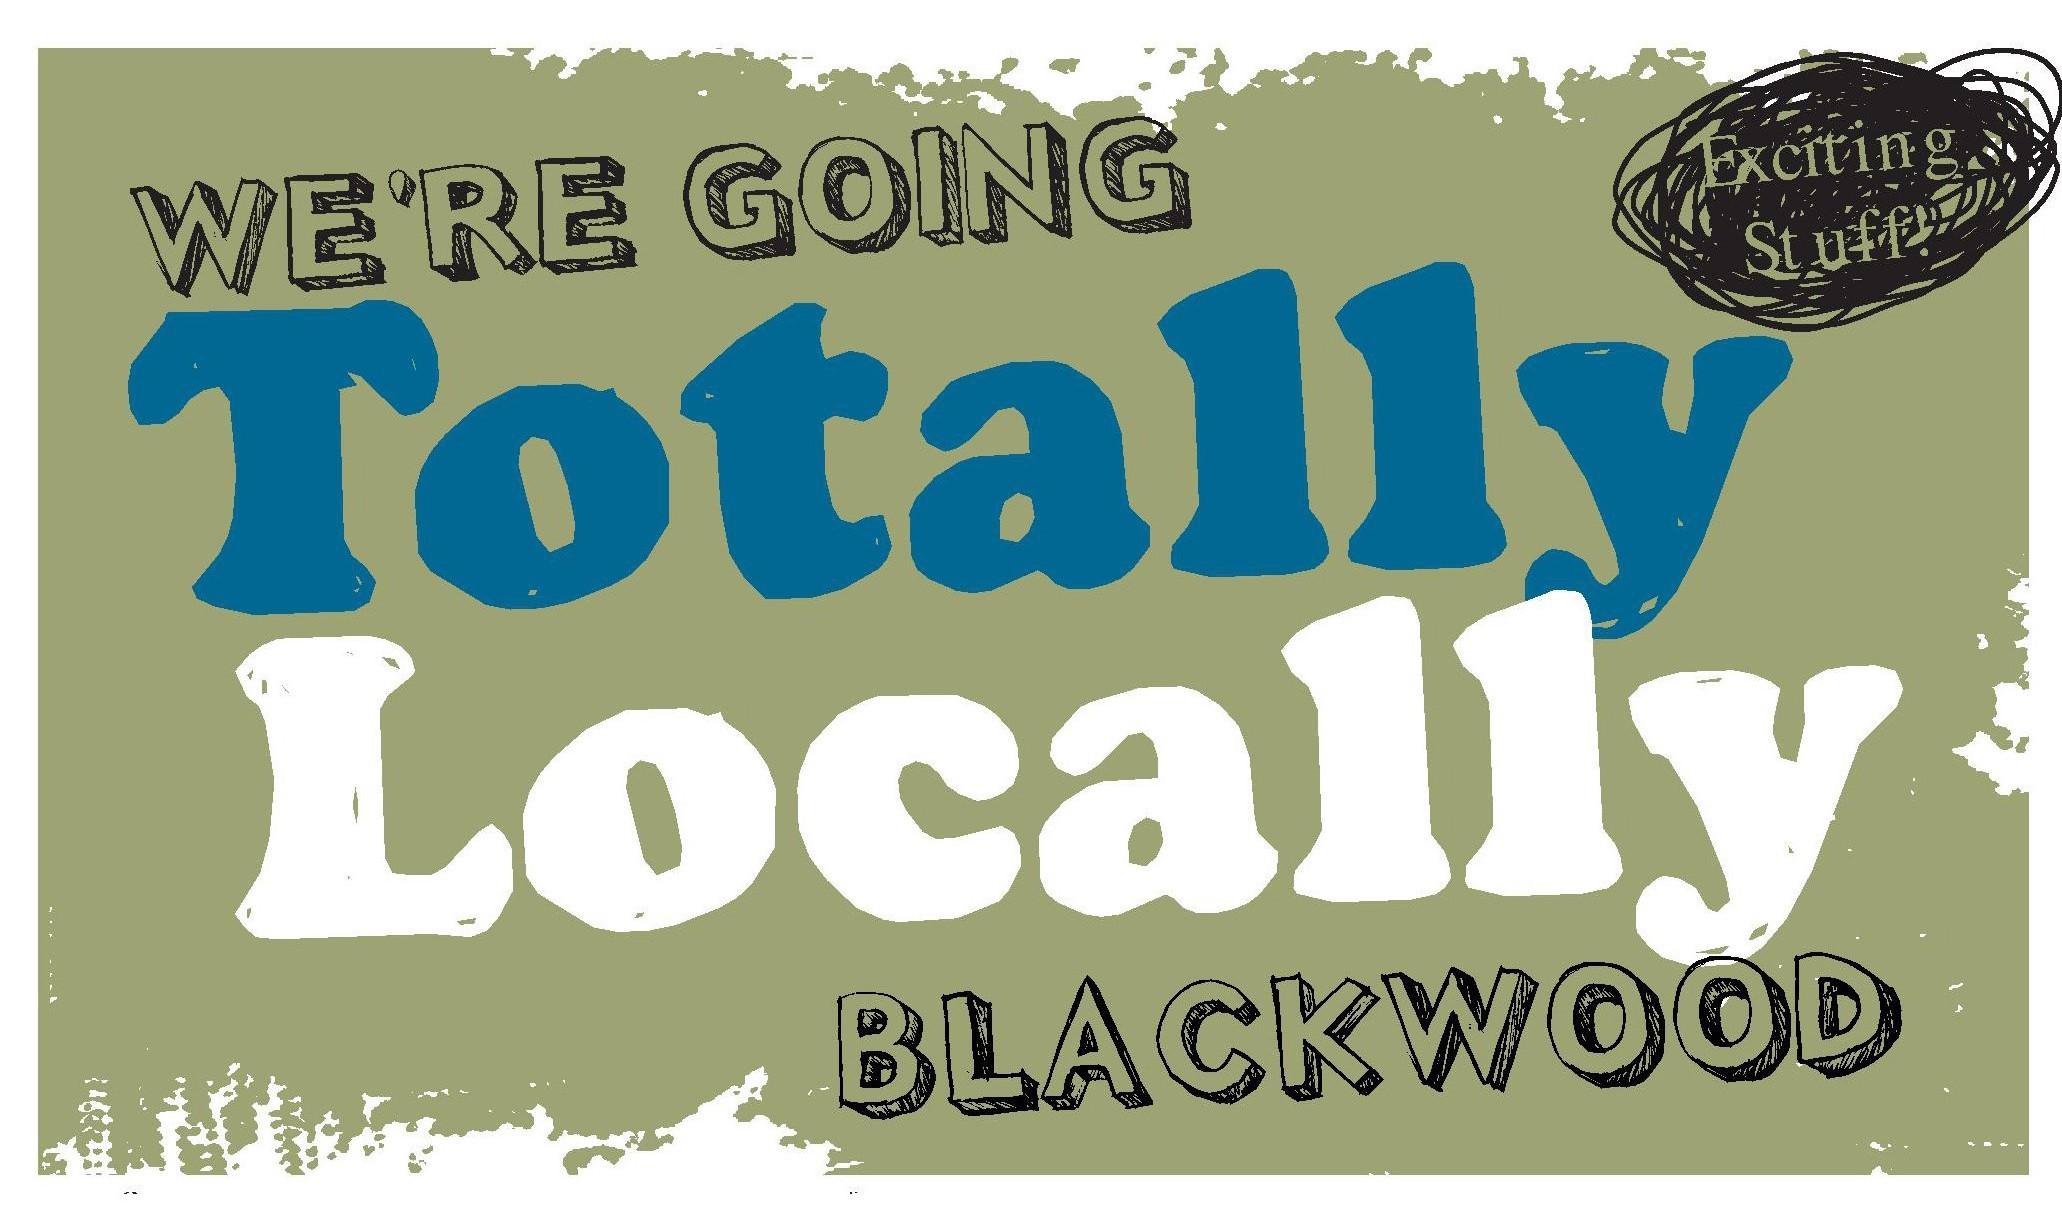 blackwood-cafe-community-art-hawthornedene-belair-71.jpg